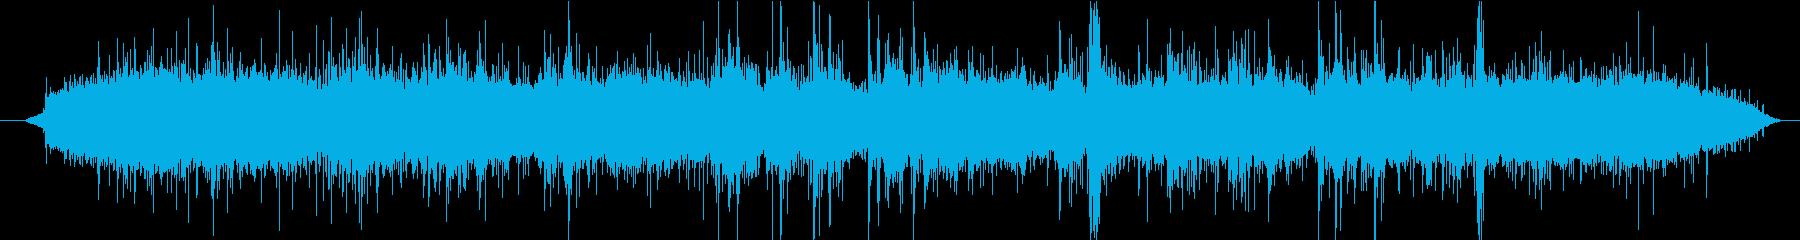 【生録音】ASMR シャワーの水の音の再生済みの波形